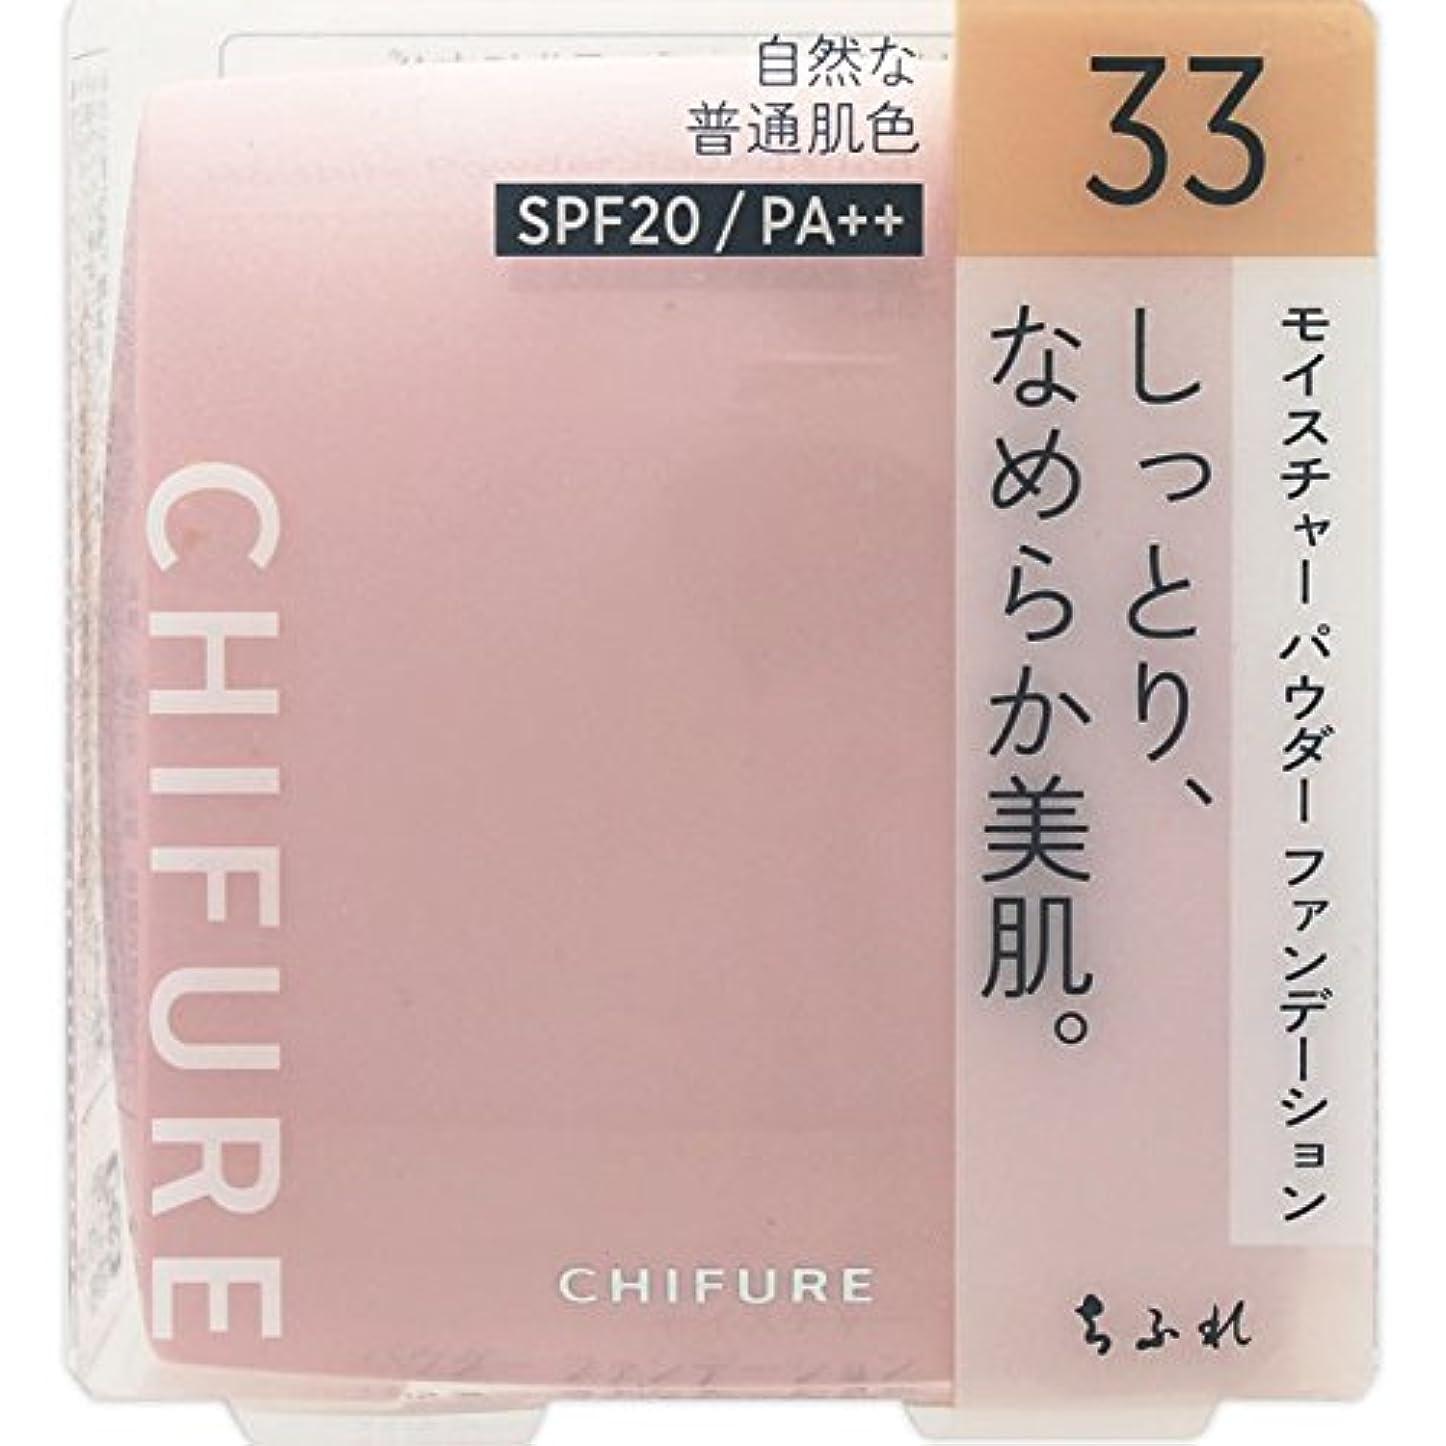 インスタント時系列ようこそちふれ化粧品 モイスチャー パウダーファンデーション(スポンジ入り) 33 オークル系 MパウダーFD33